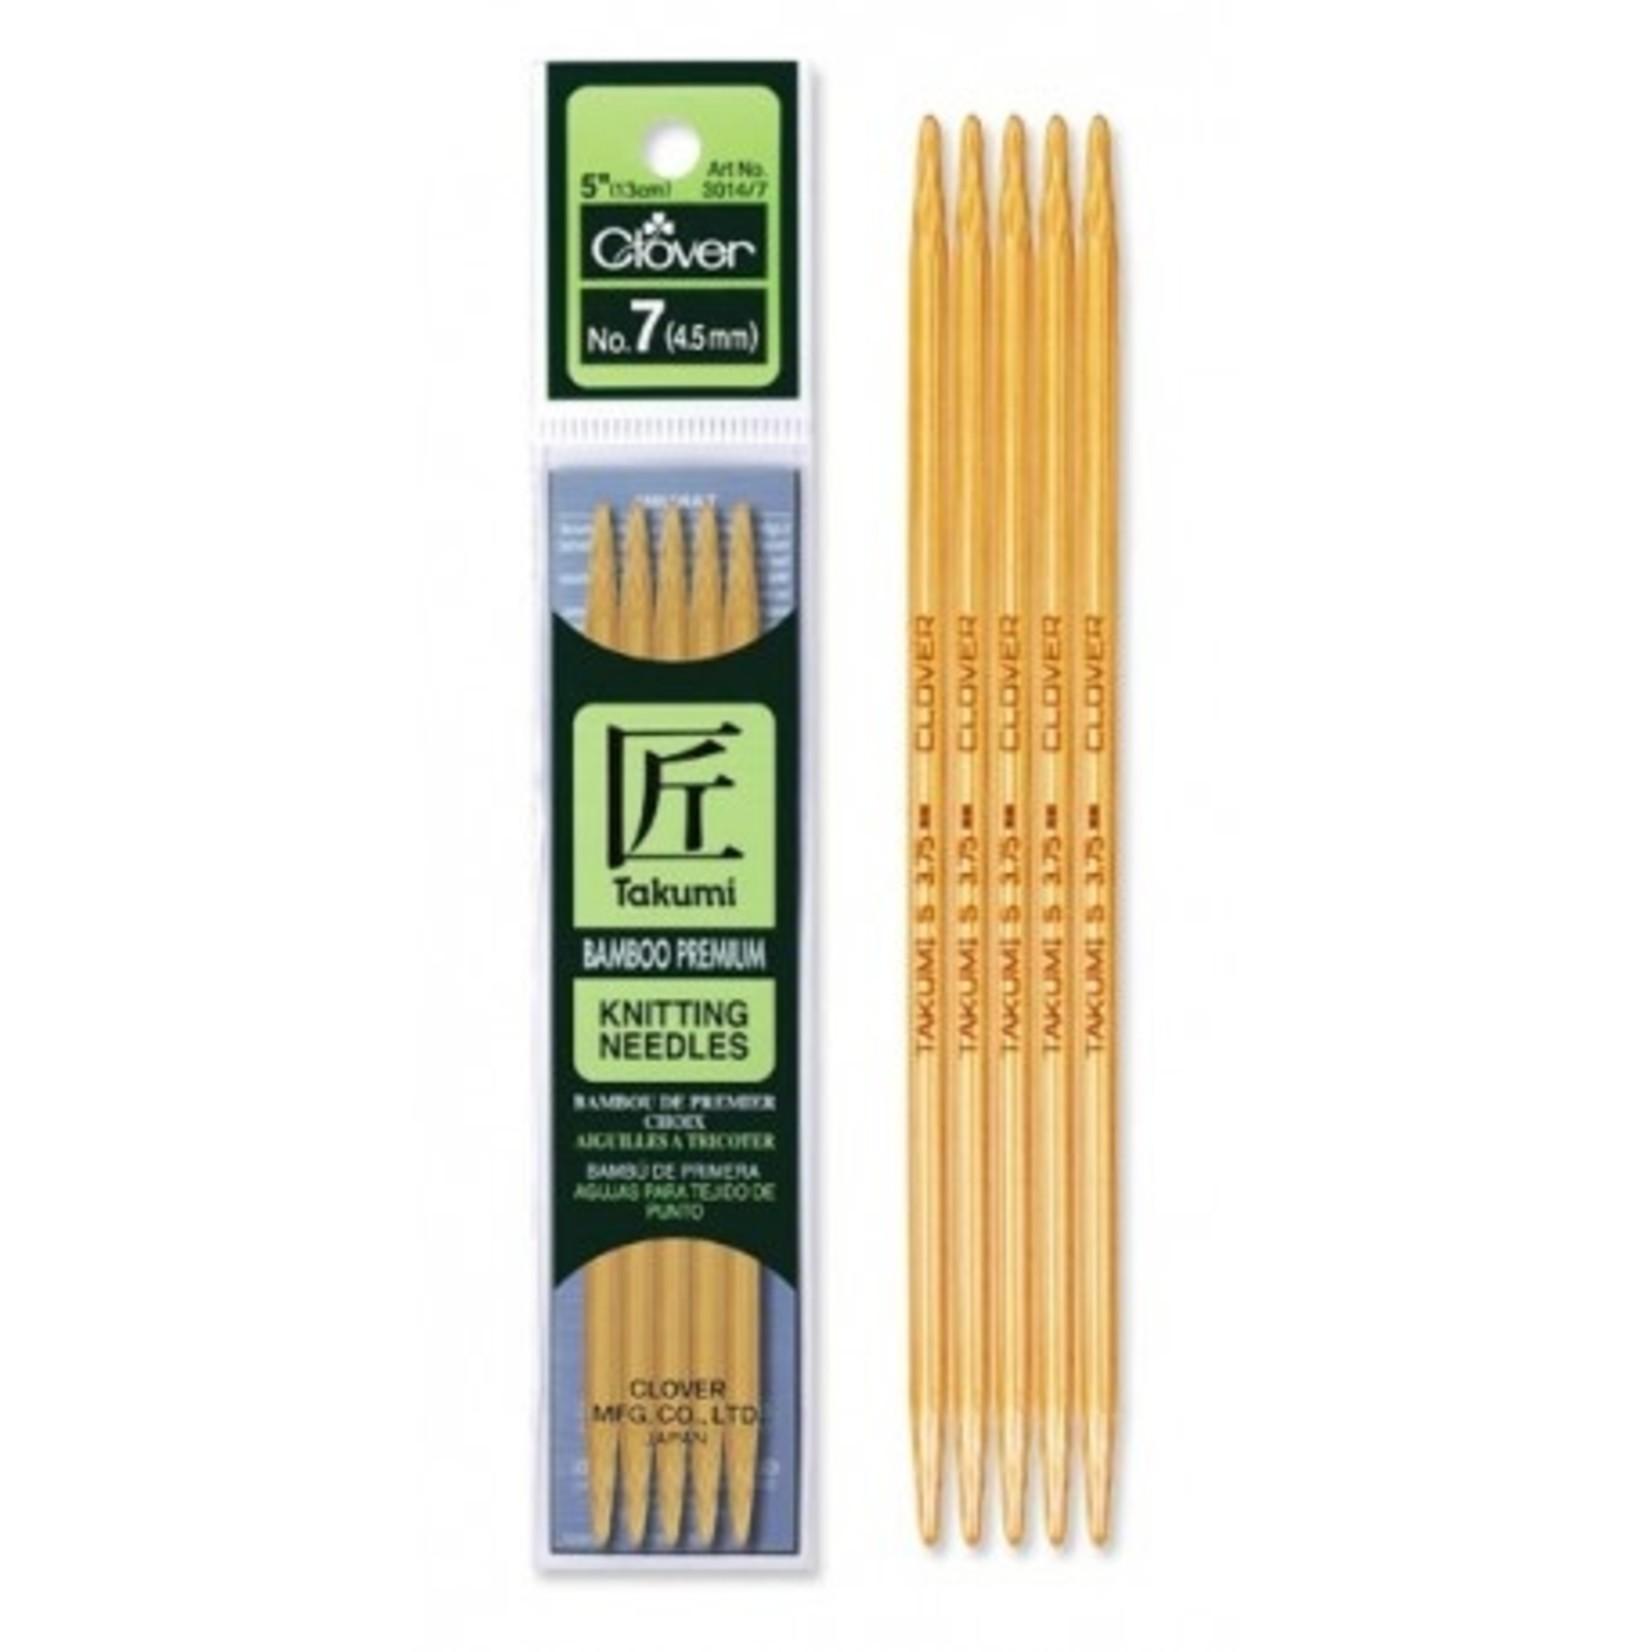 """Takumi Takumi Bamboo Double Point 13cm (5"""") Knitting Needles by Clover"""